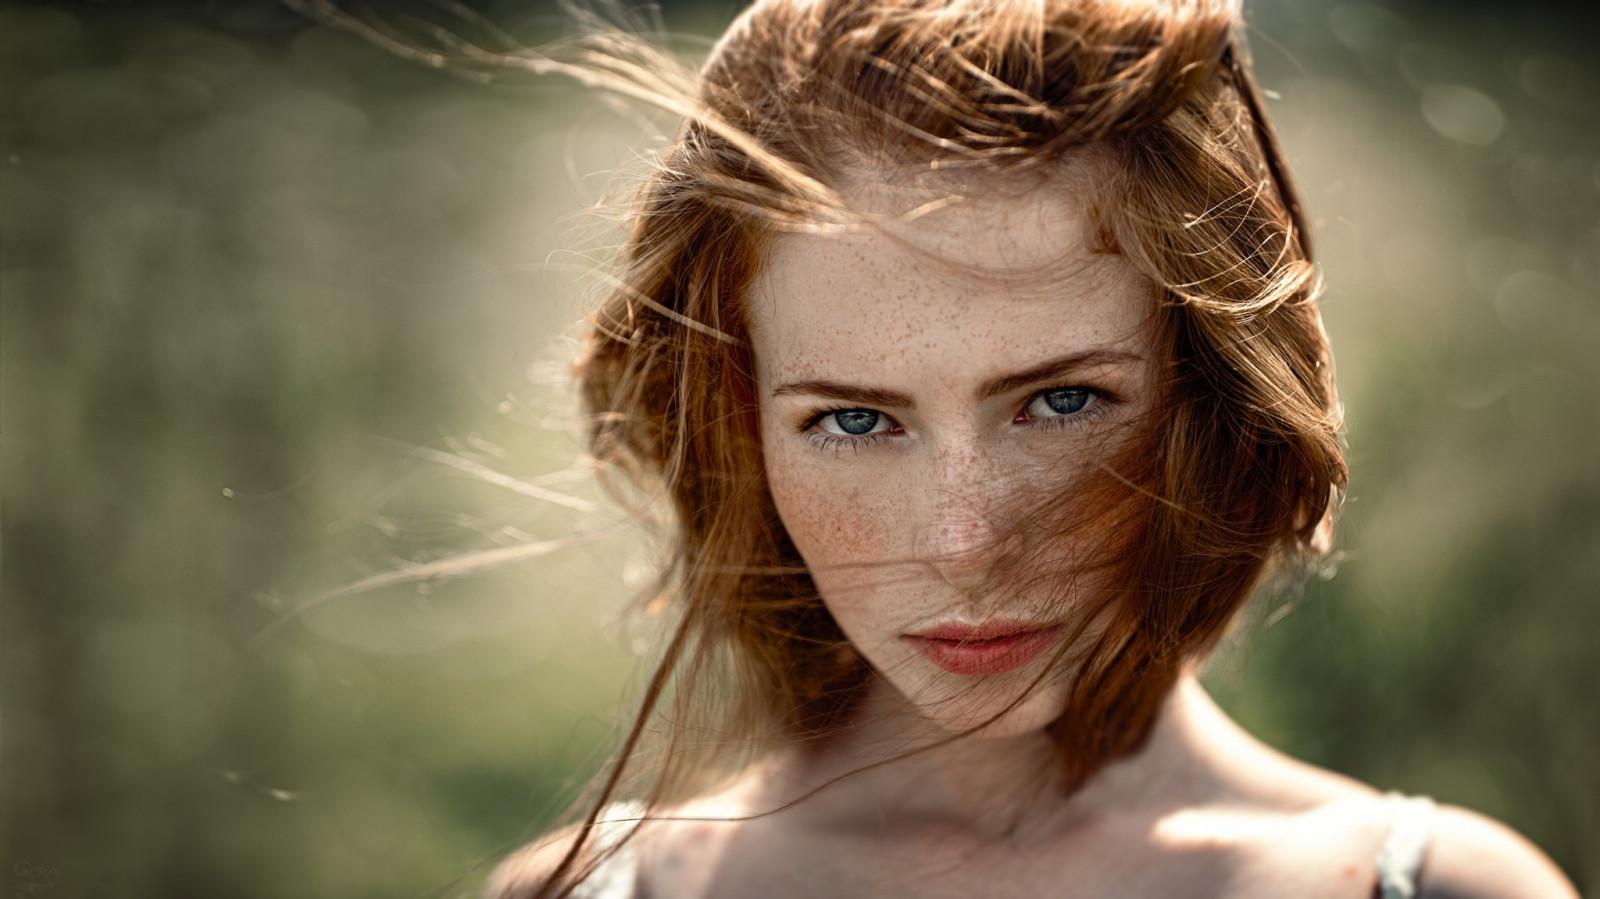 Hintergrundbilder  Gesicht, Frau, Rothaarige, Modell -8248